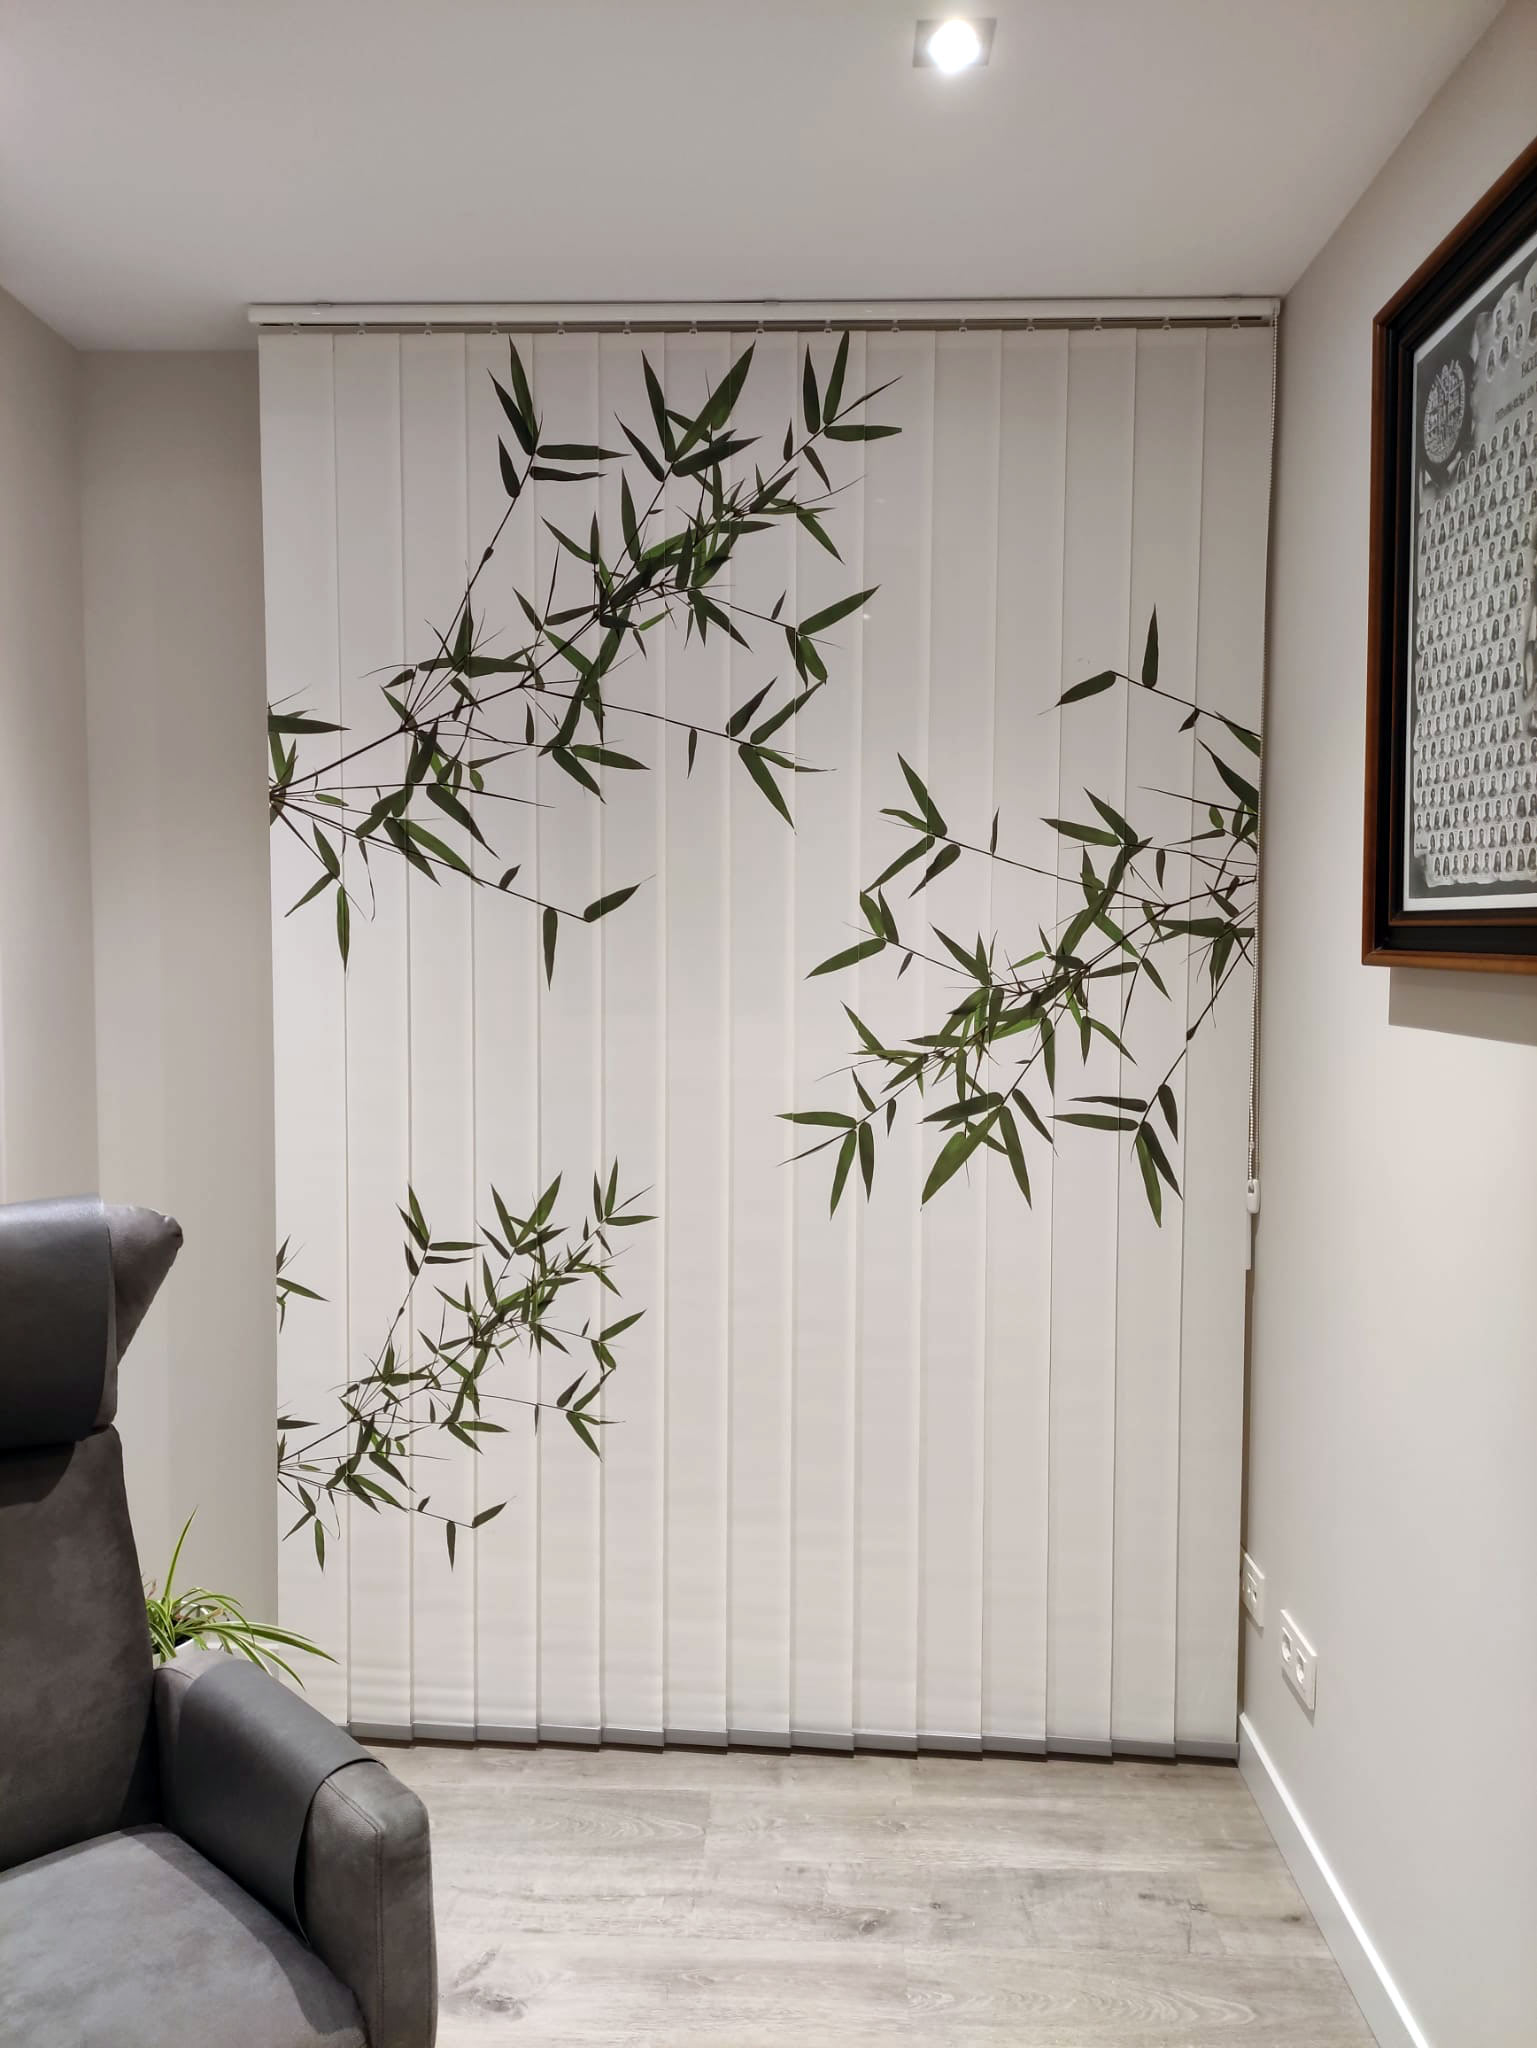 cortina vertical de impresión digital decoración morales